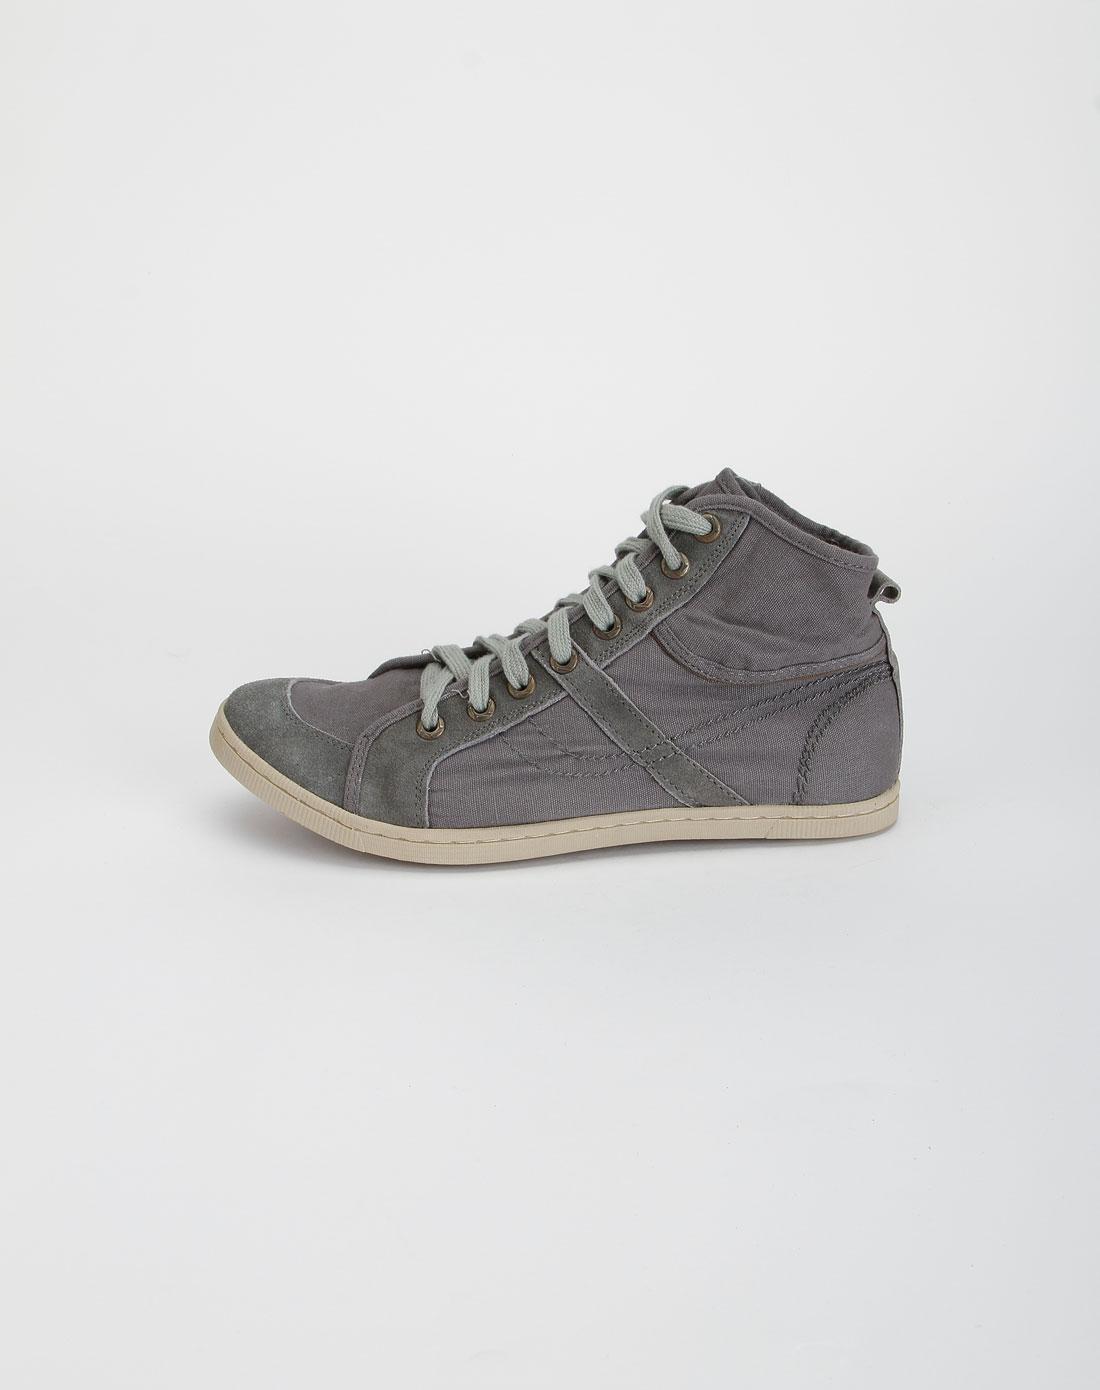 男款浅灰色休闲高帮布鞋